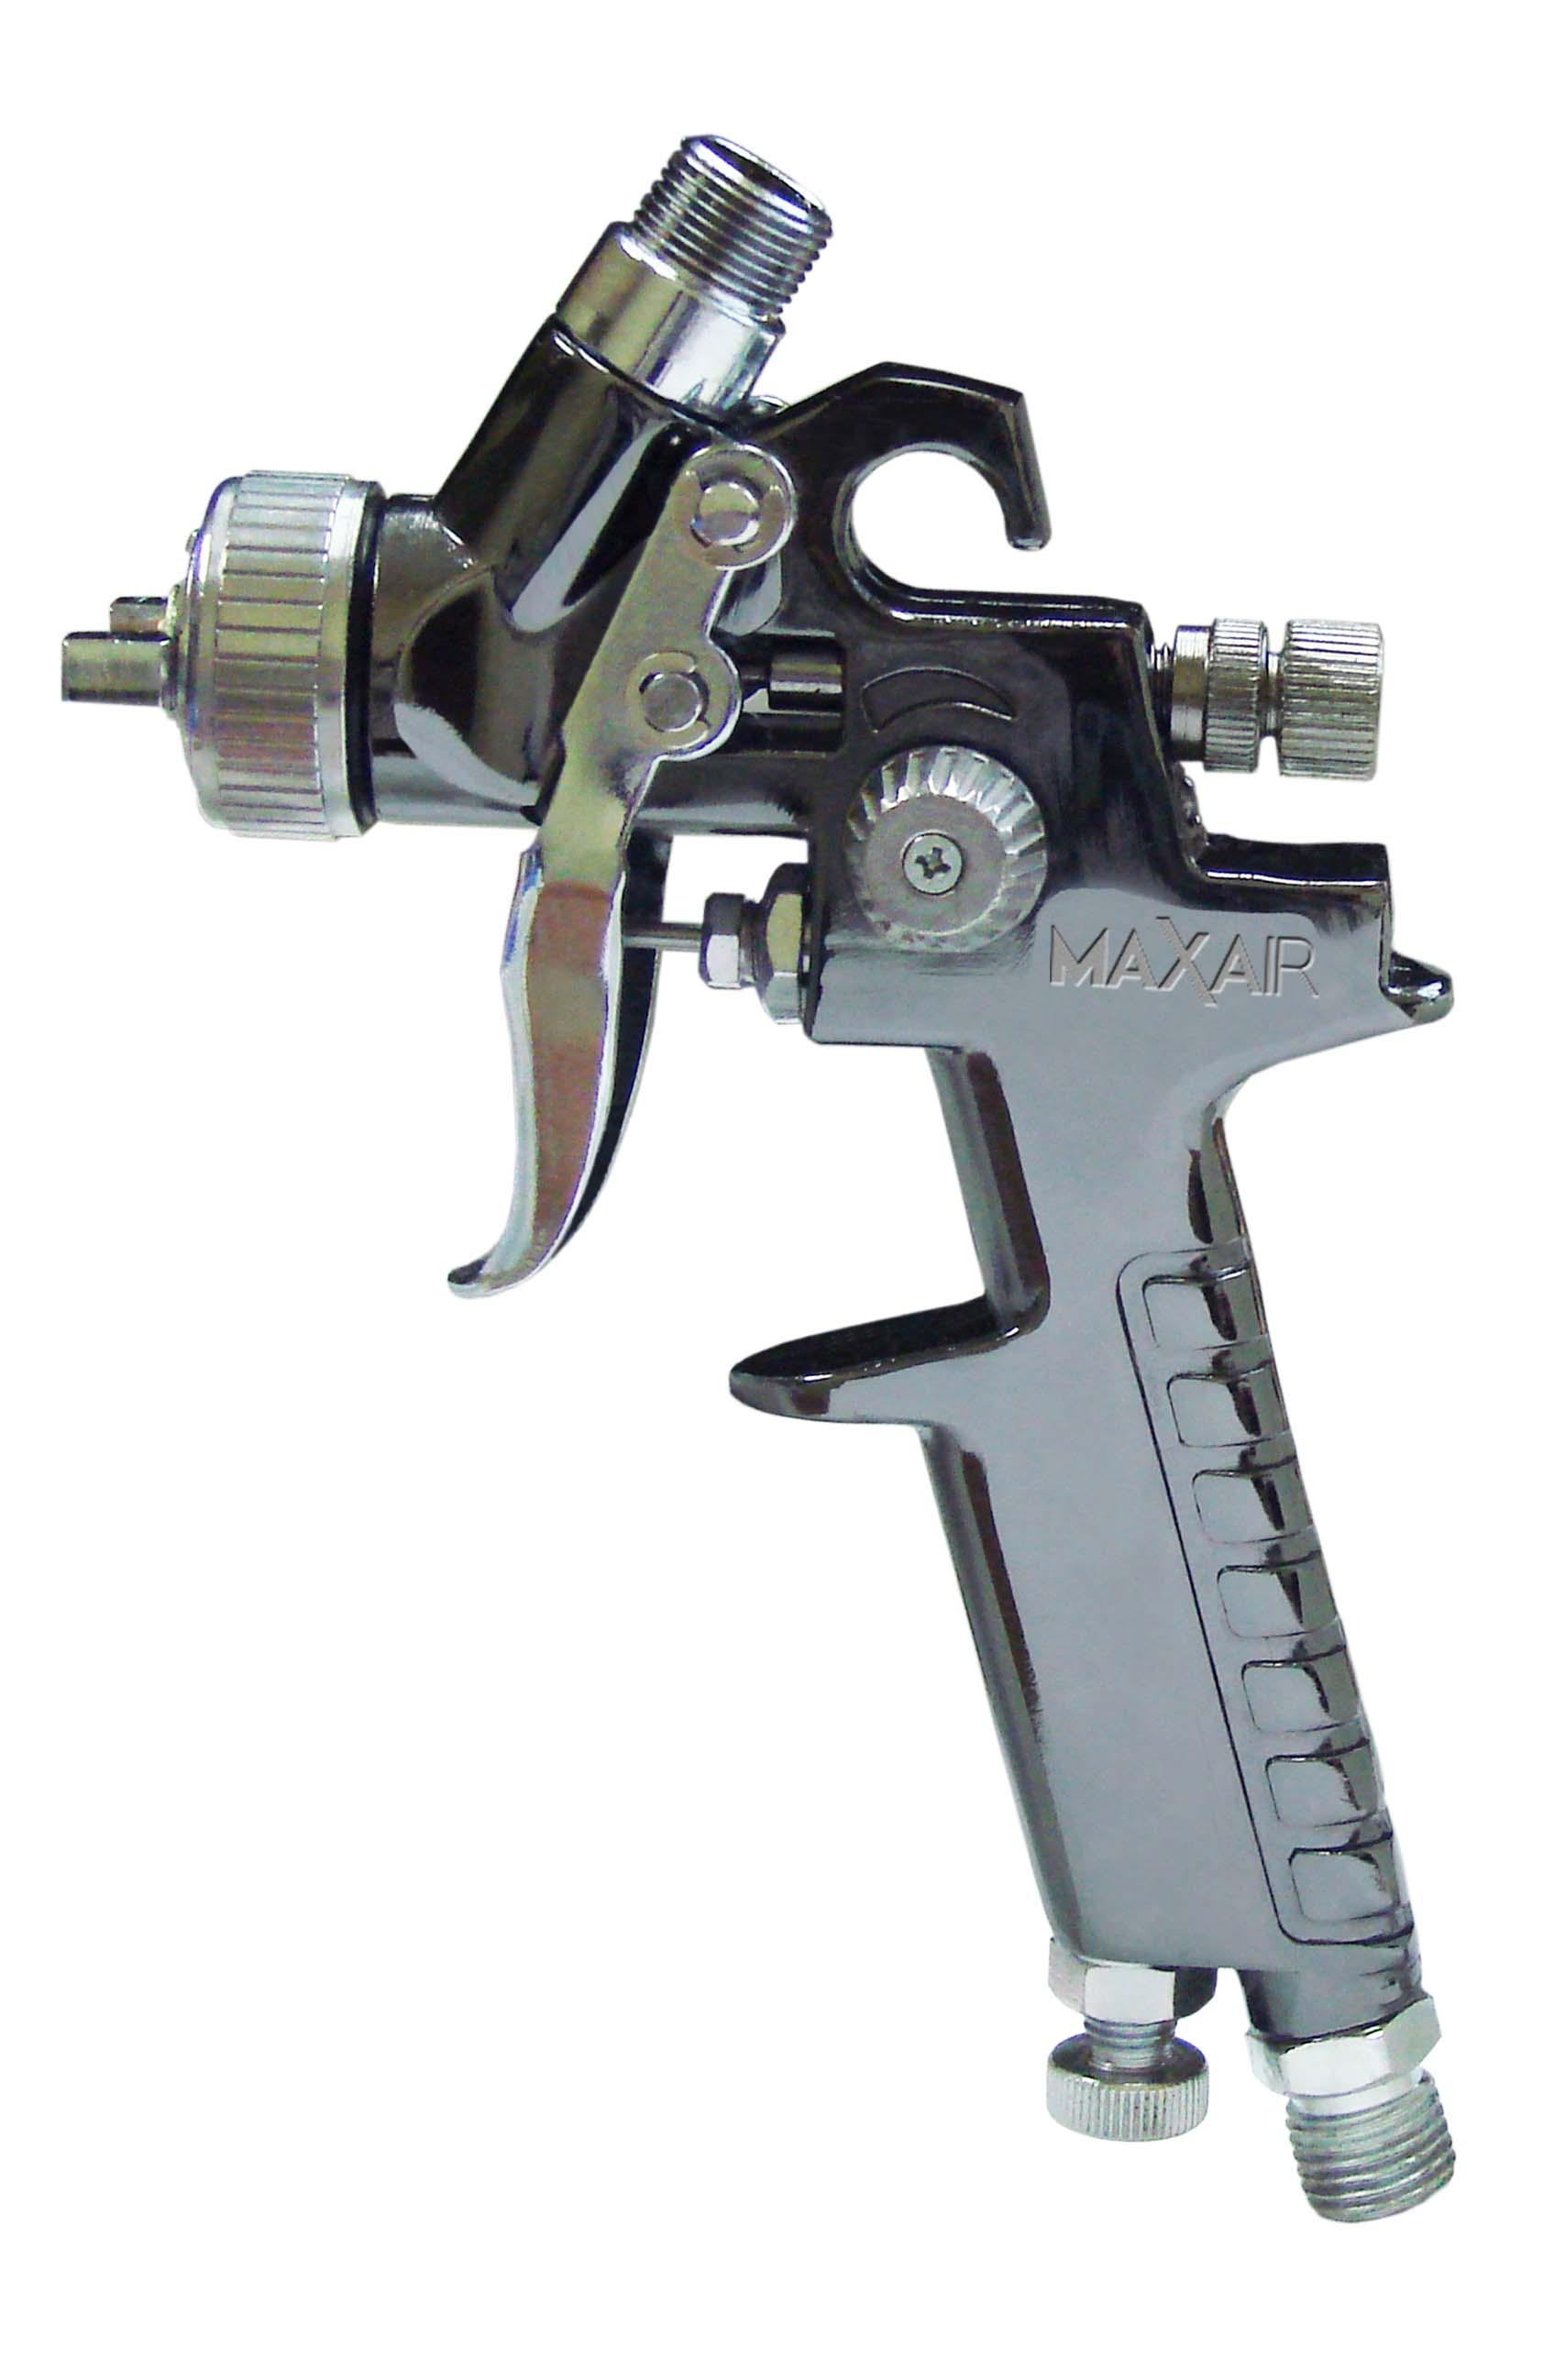 Mini Hvlp Paint Gun Maxair S